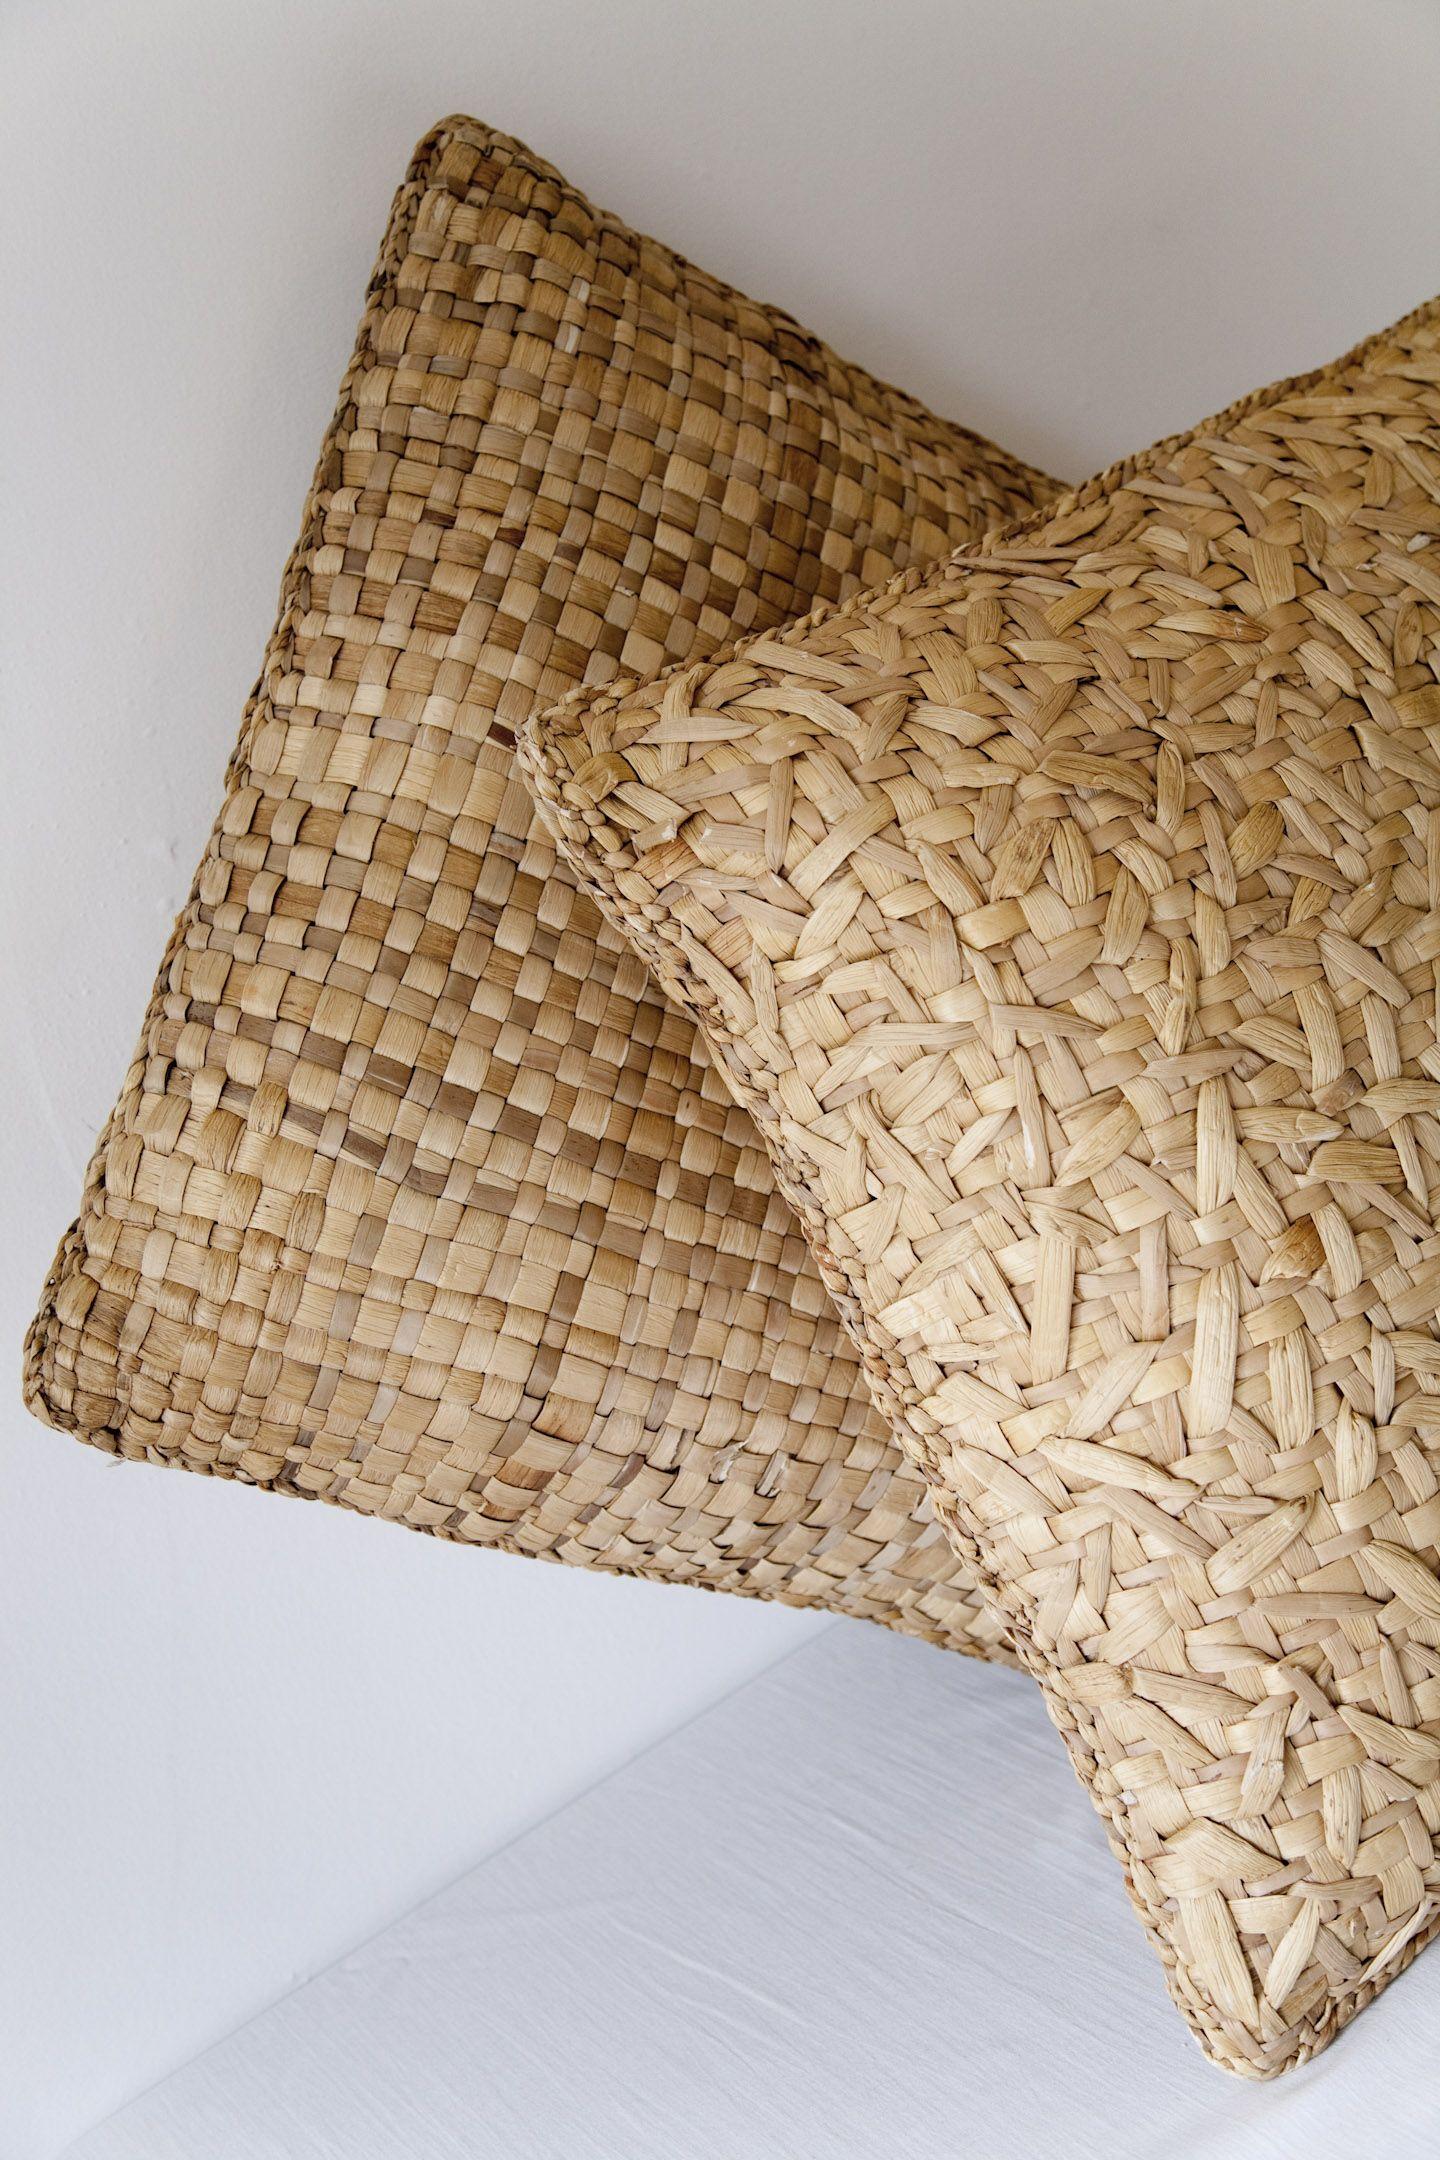 Cojines de fibra natural para terrazas muza pinterest - Alfombras de fibras naturales ...